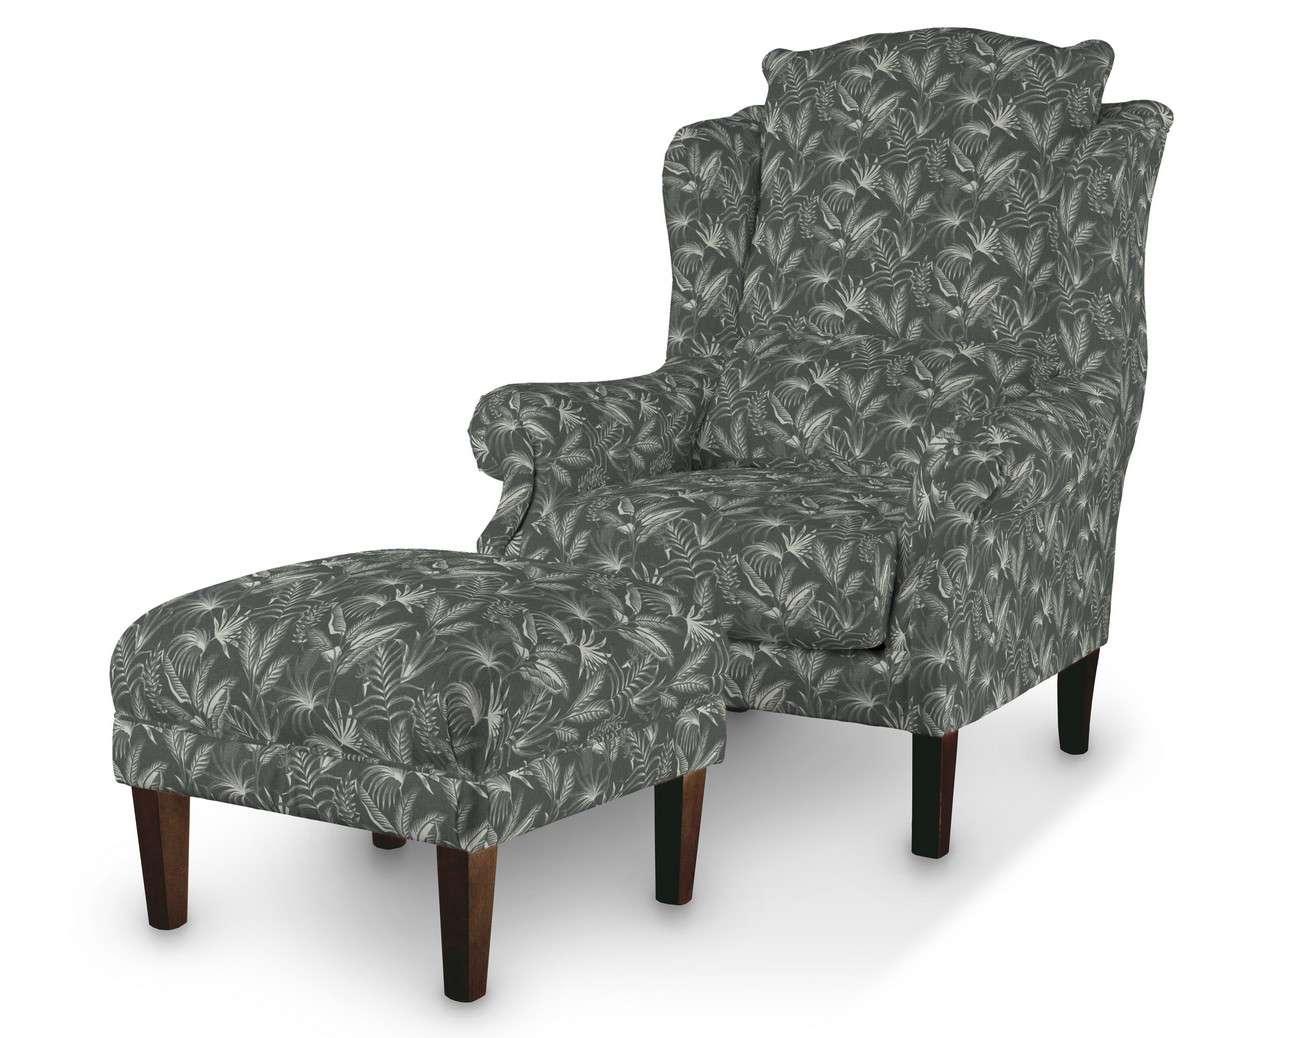 Podnóżek do fotela w kolekcji Flowers, tkanina: 143-73